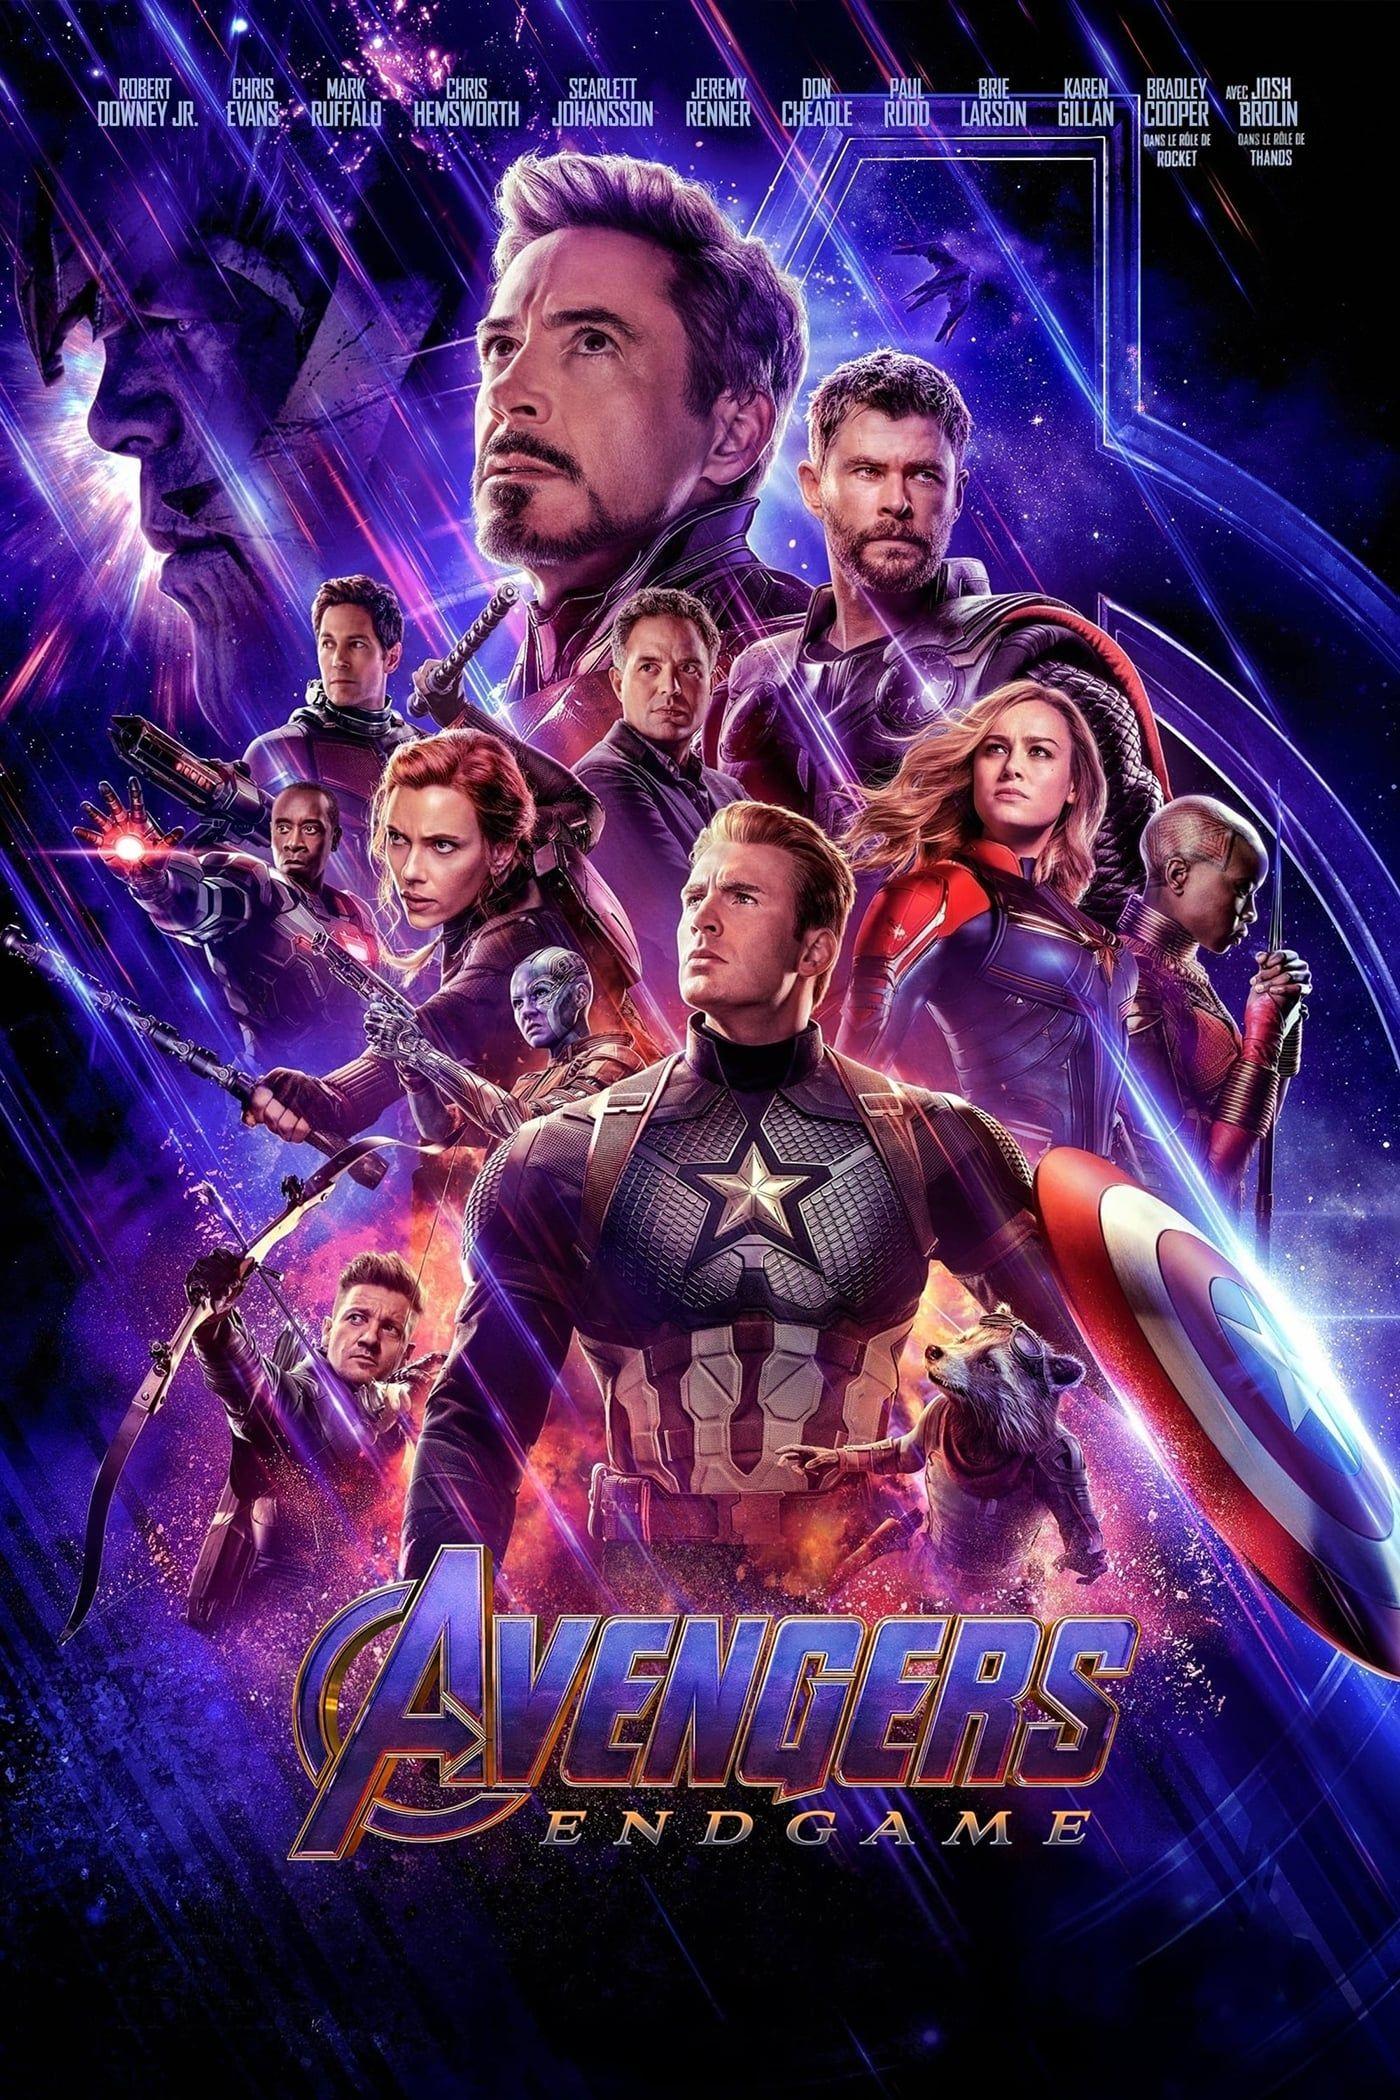 Avengers: Endgame 2019 streaming vf